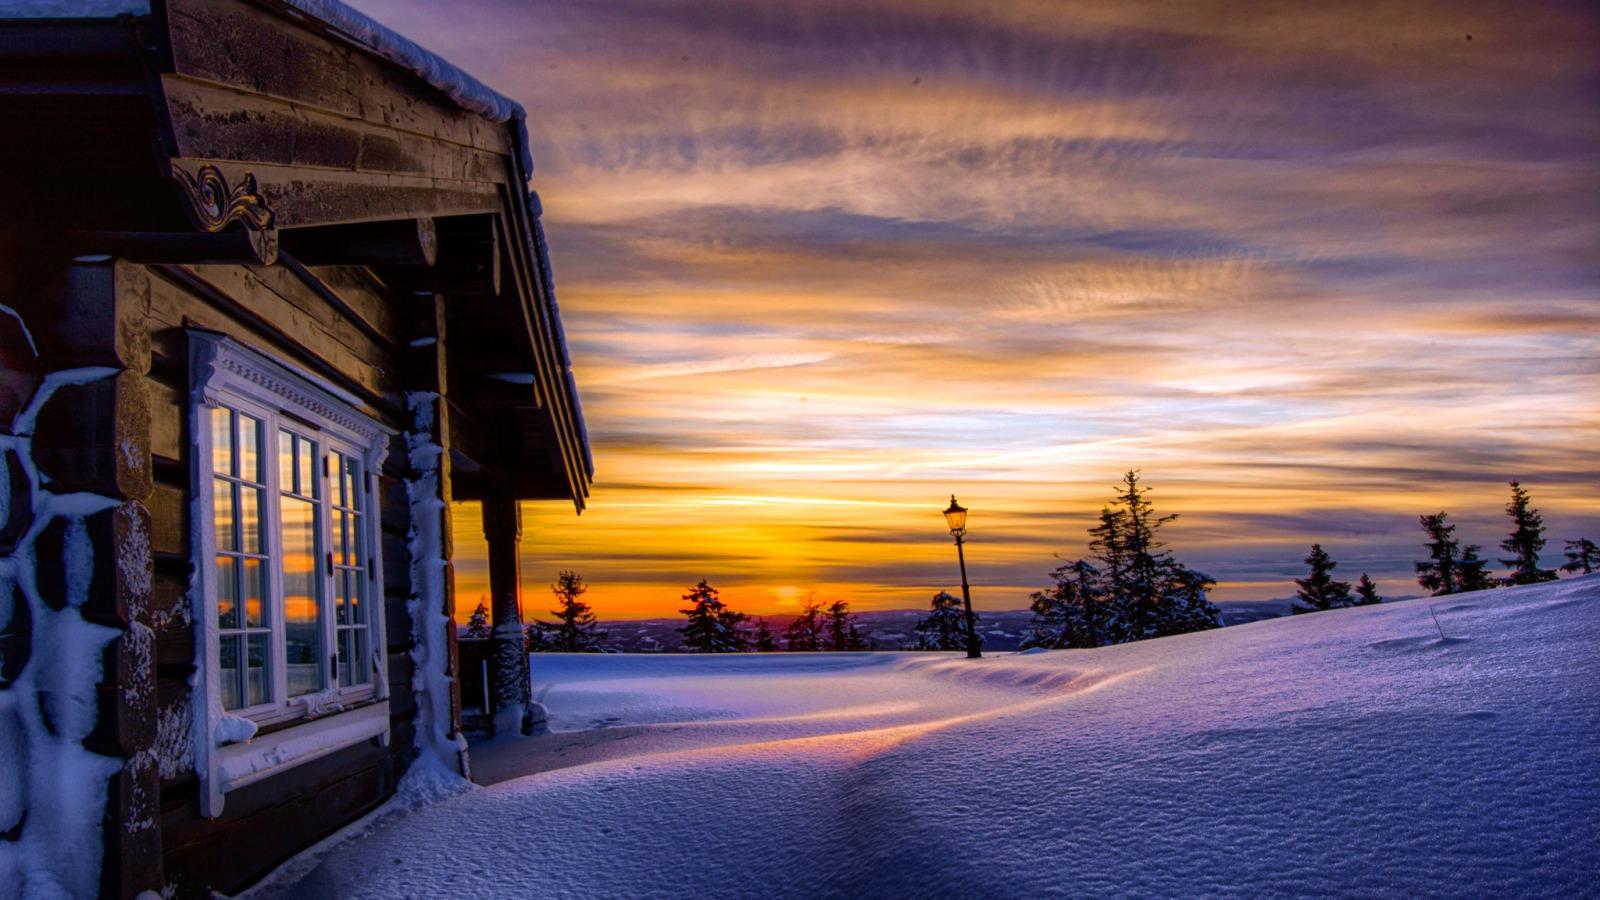 norvegiya-sneg-sugroby-zima.jpg